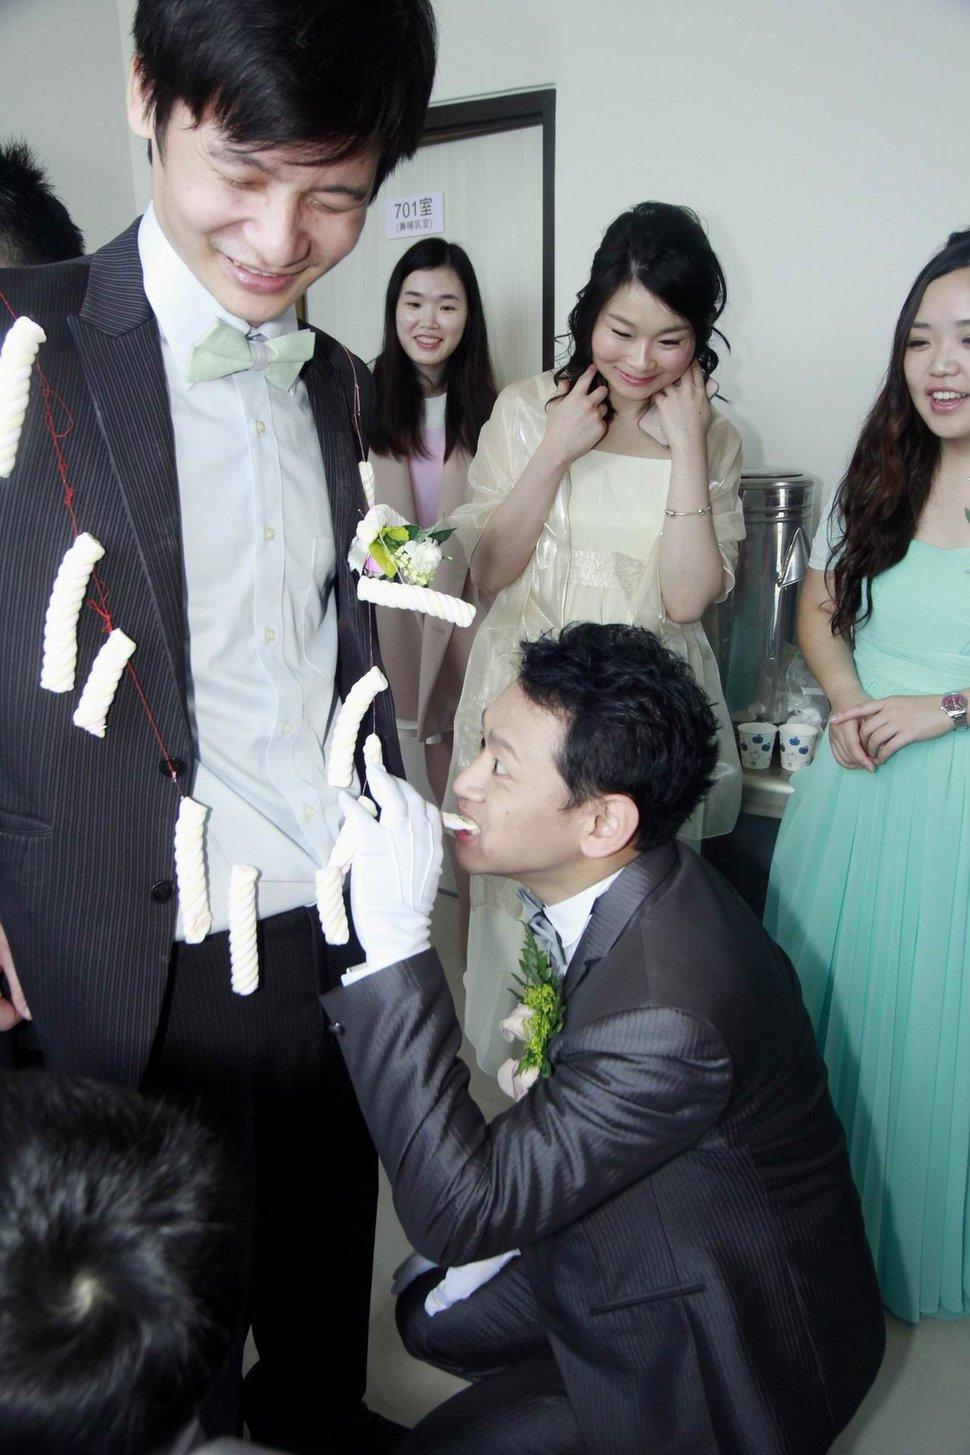 汐止那米哥餐廳婚宴會館餐廳婚攝j婚錄結婚迎娶婚禮記錄動態微電影錄影專業錄影平面攝影婚禮紀錄婚攝婚錄主持人(編號:280604) - 蜜月拍照10800錄影12800攝影團隊 - 結婚吧